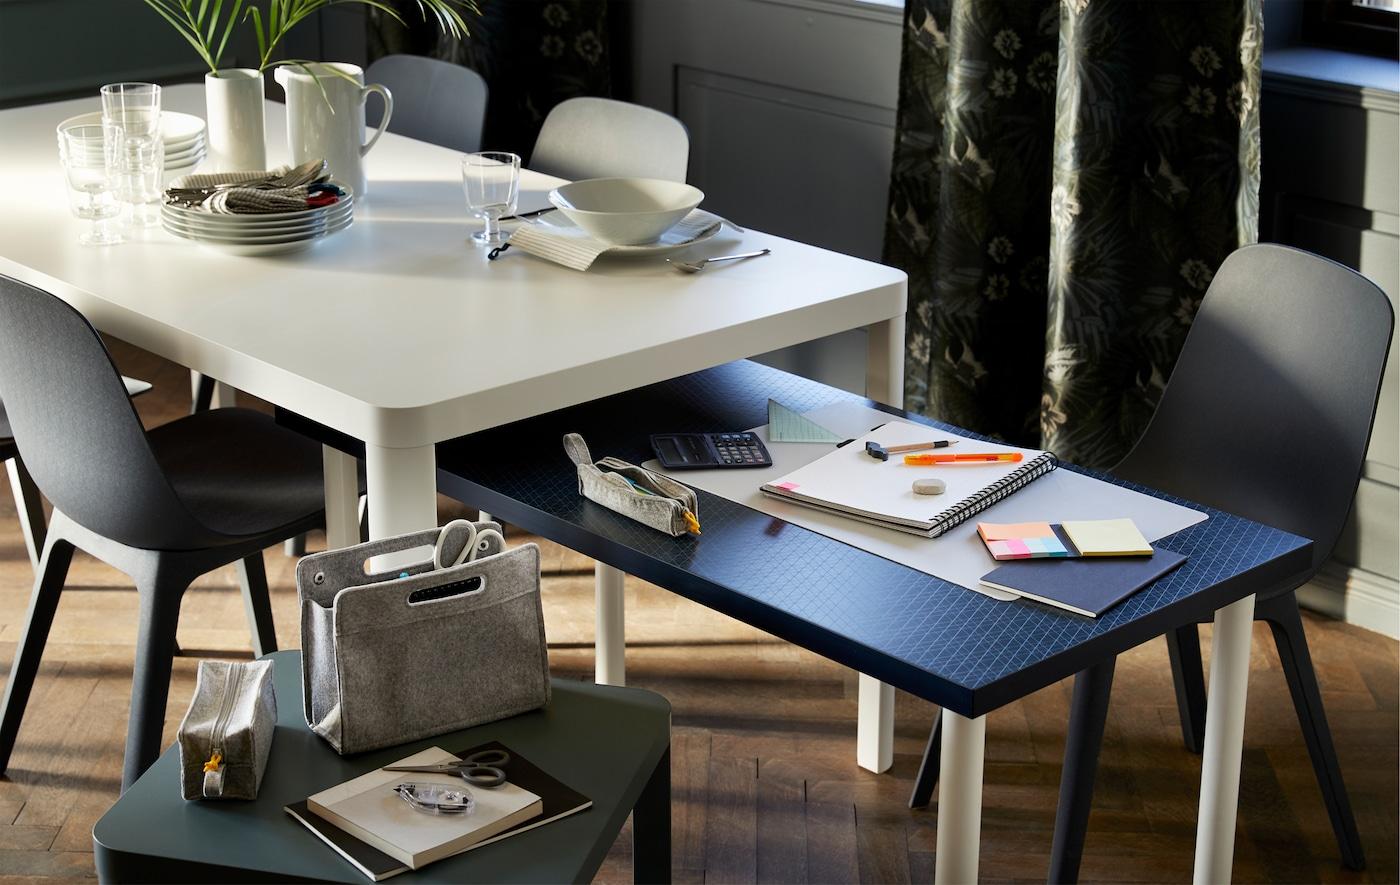 Tables à manger gigognes: dissimulée sous la table, la table d'étude, plus basse, permet aux enfants de travailler pendant que les adultes placent les couverts.